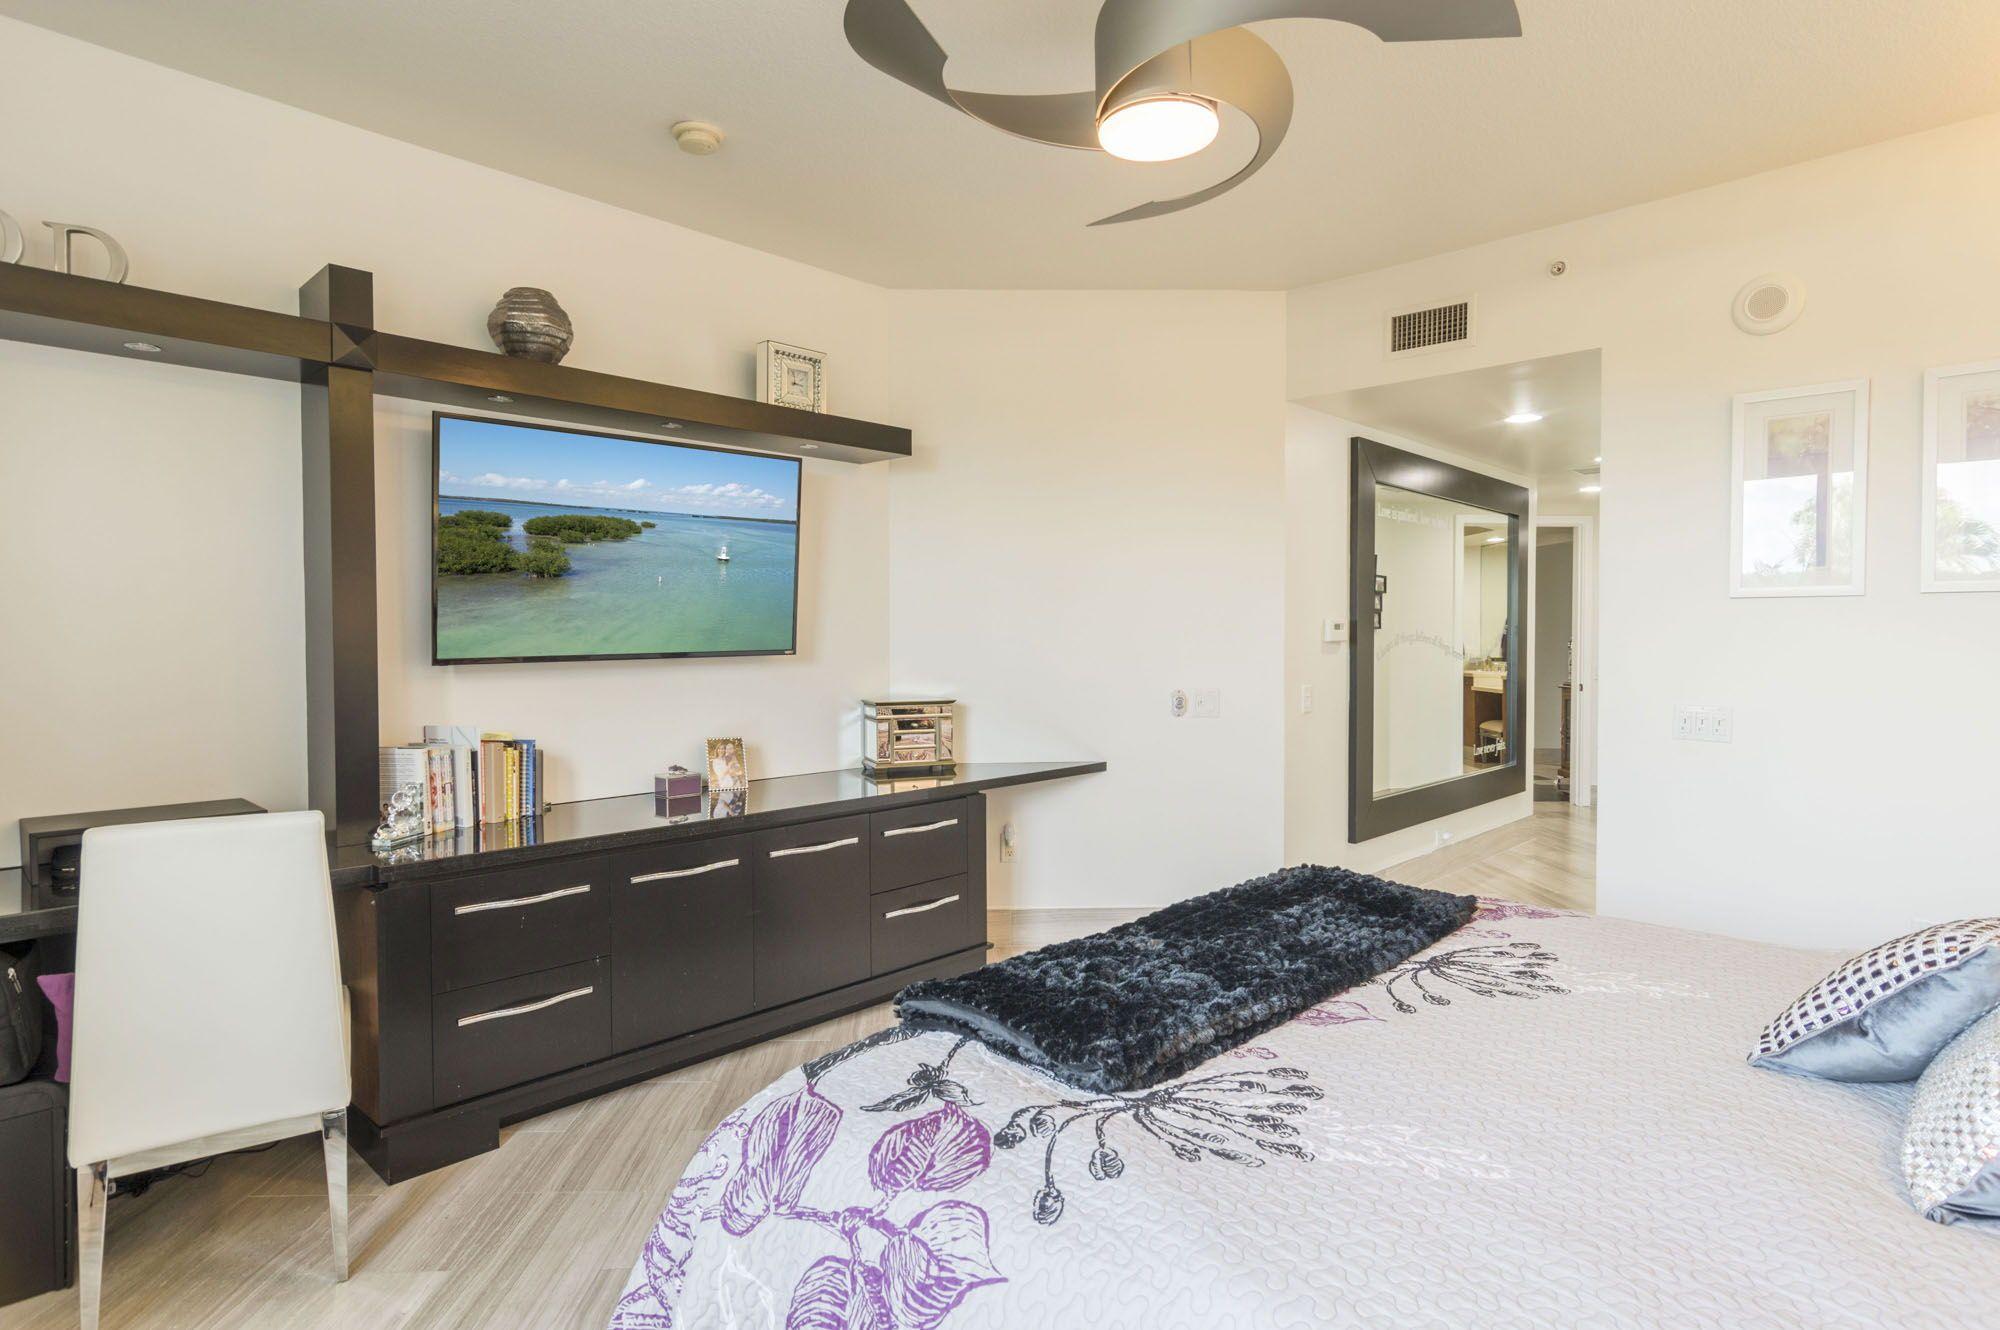 e75e1c1955c39d8c1d420b553a044e2f - Rooms For Rent Palm Beach Gardens Fl